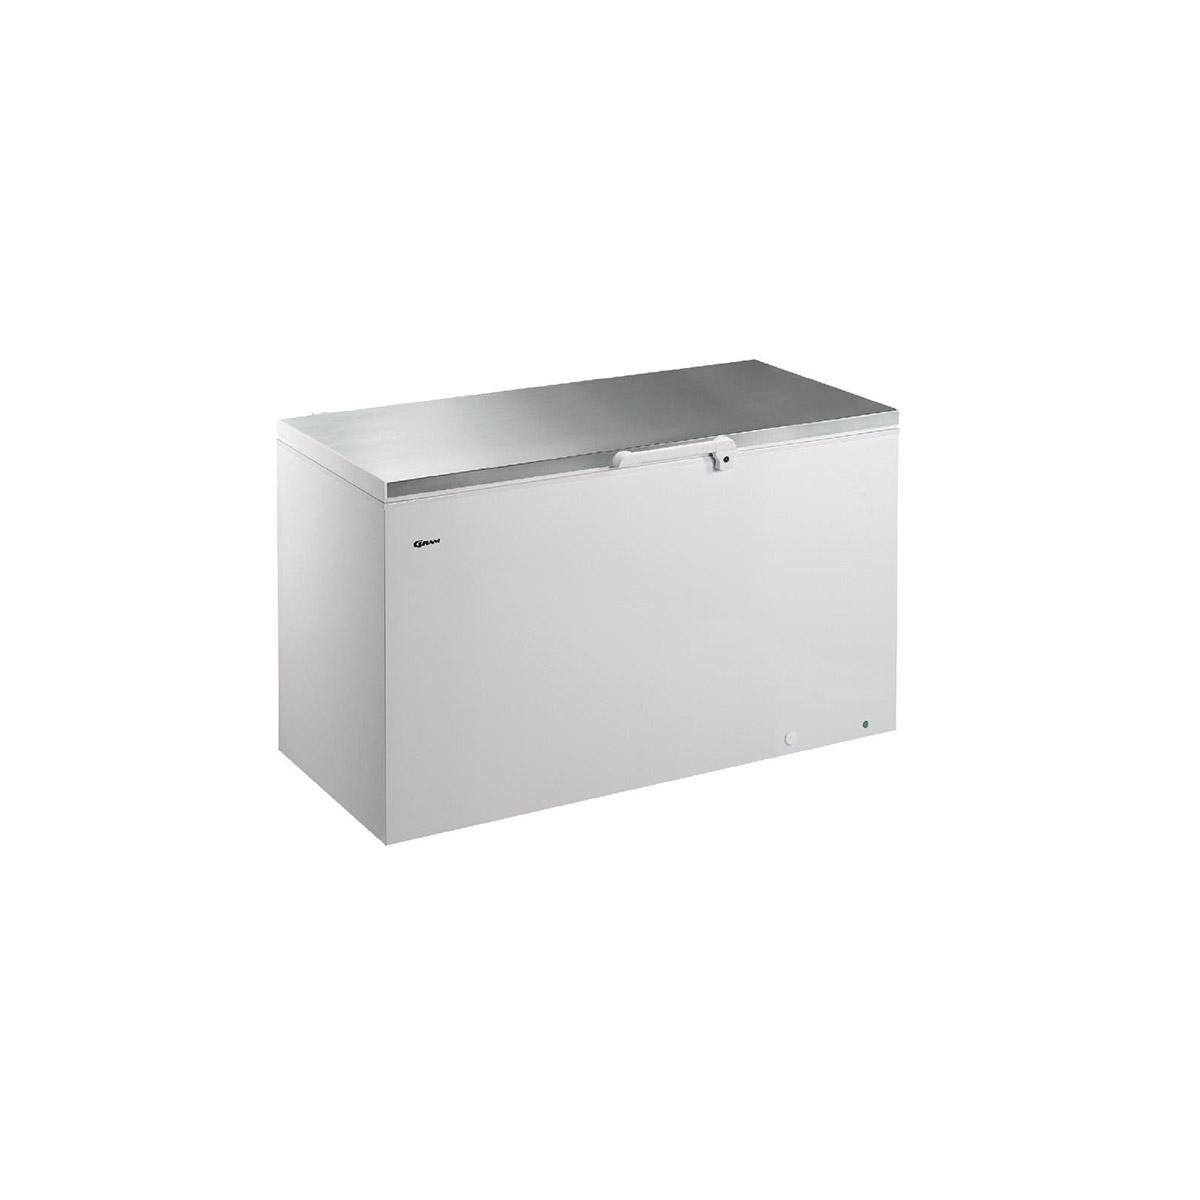 Gram 527Ltr Chest Freezer CF 53 S